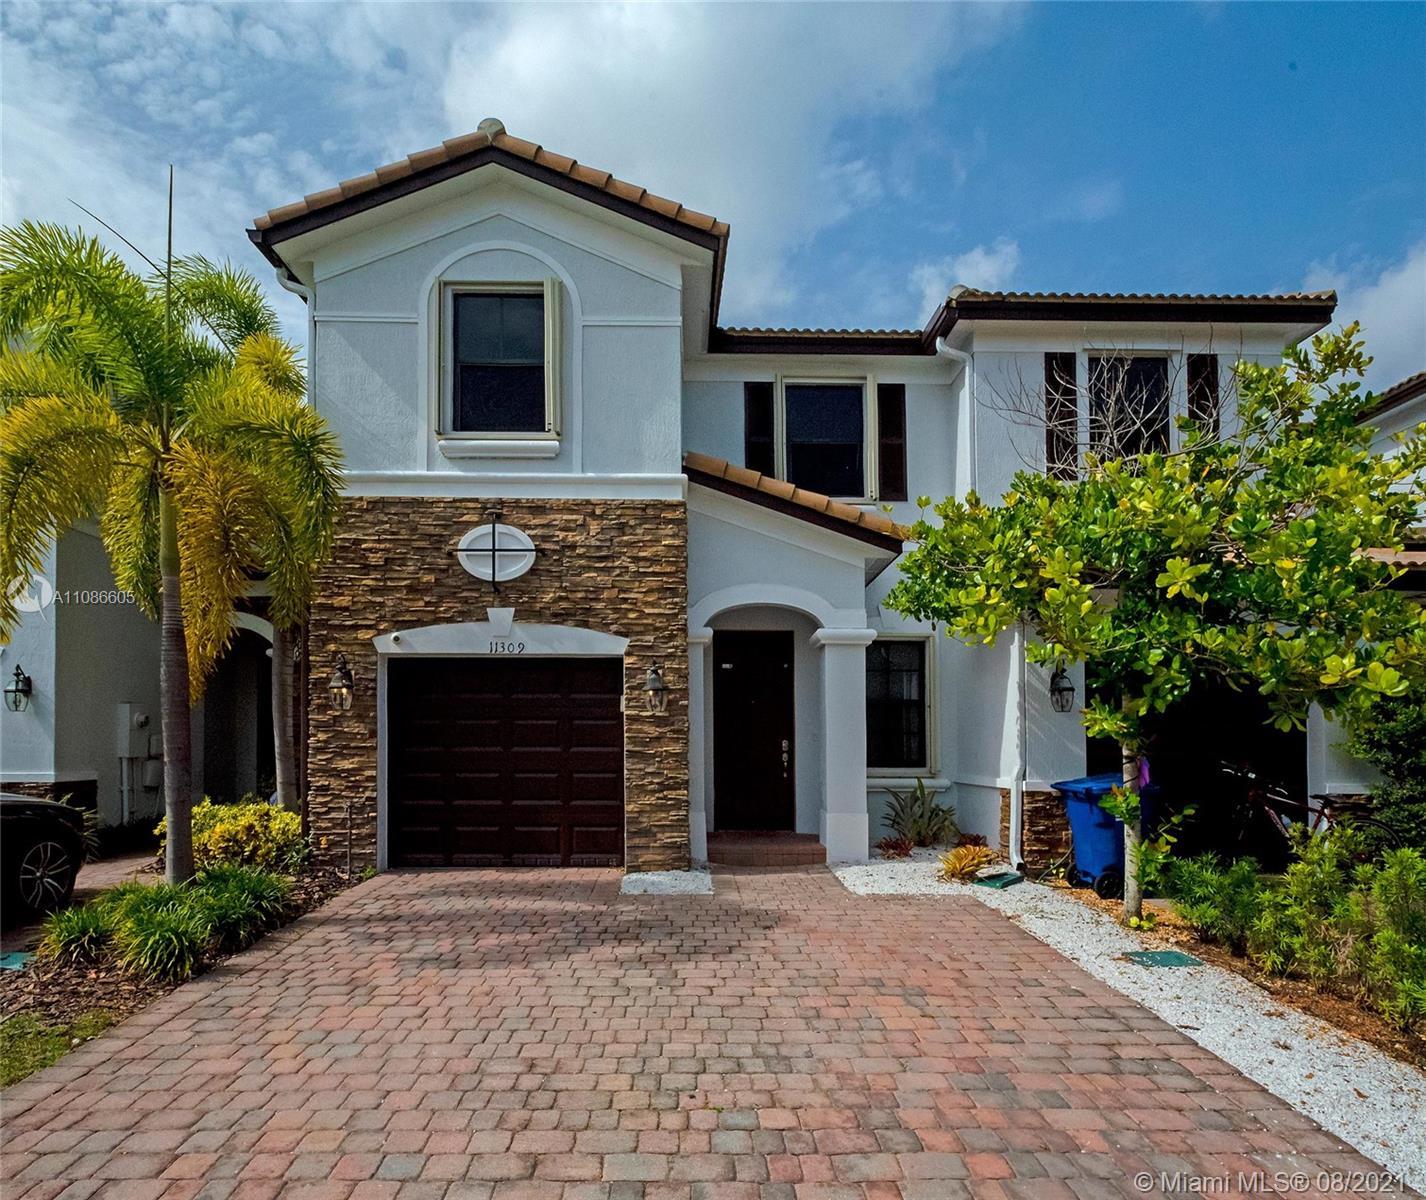 Villa Bello Monaco - 11309 NW 88th Ter, Doral, FL 33178